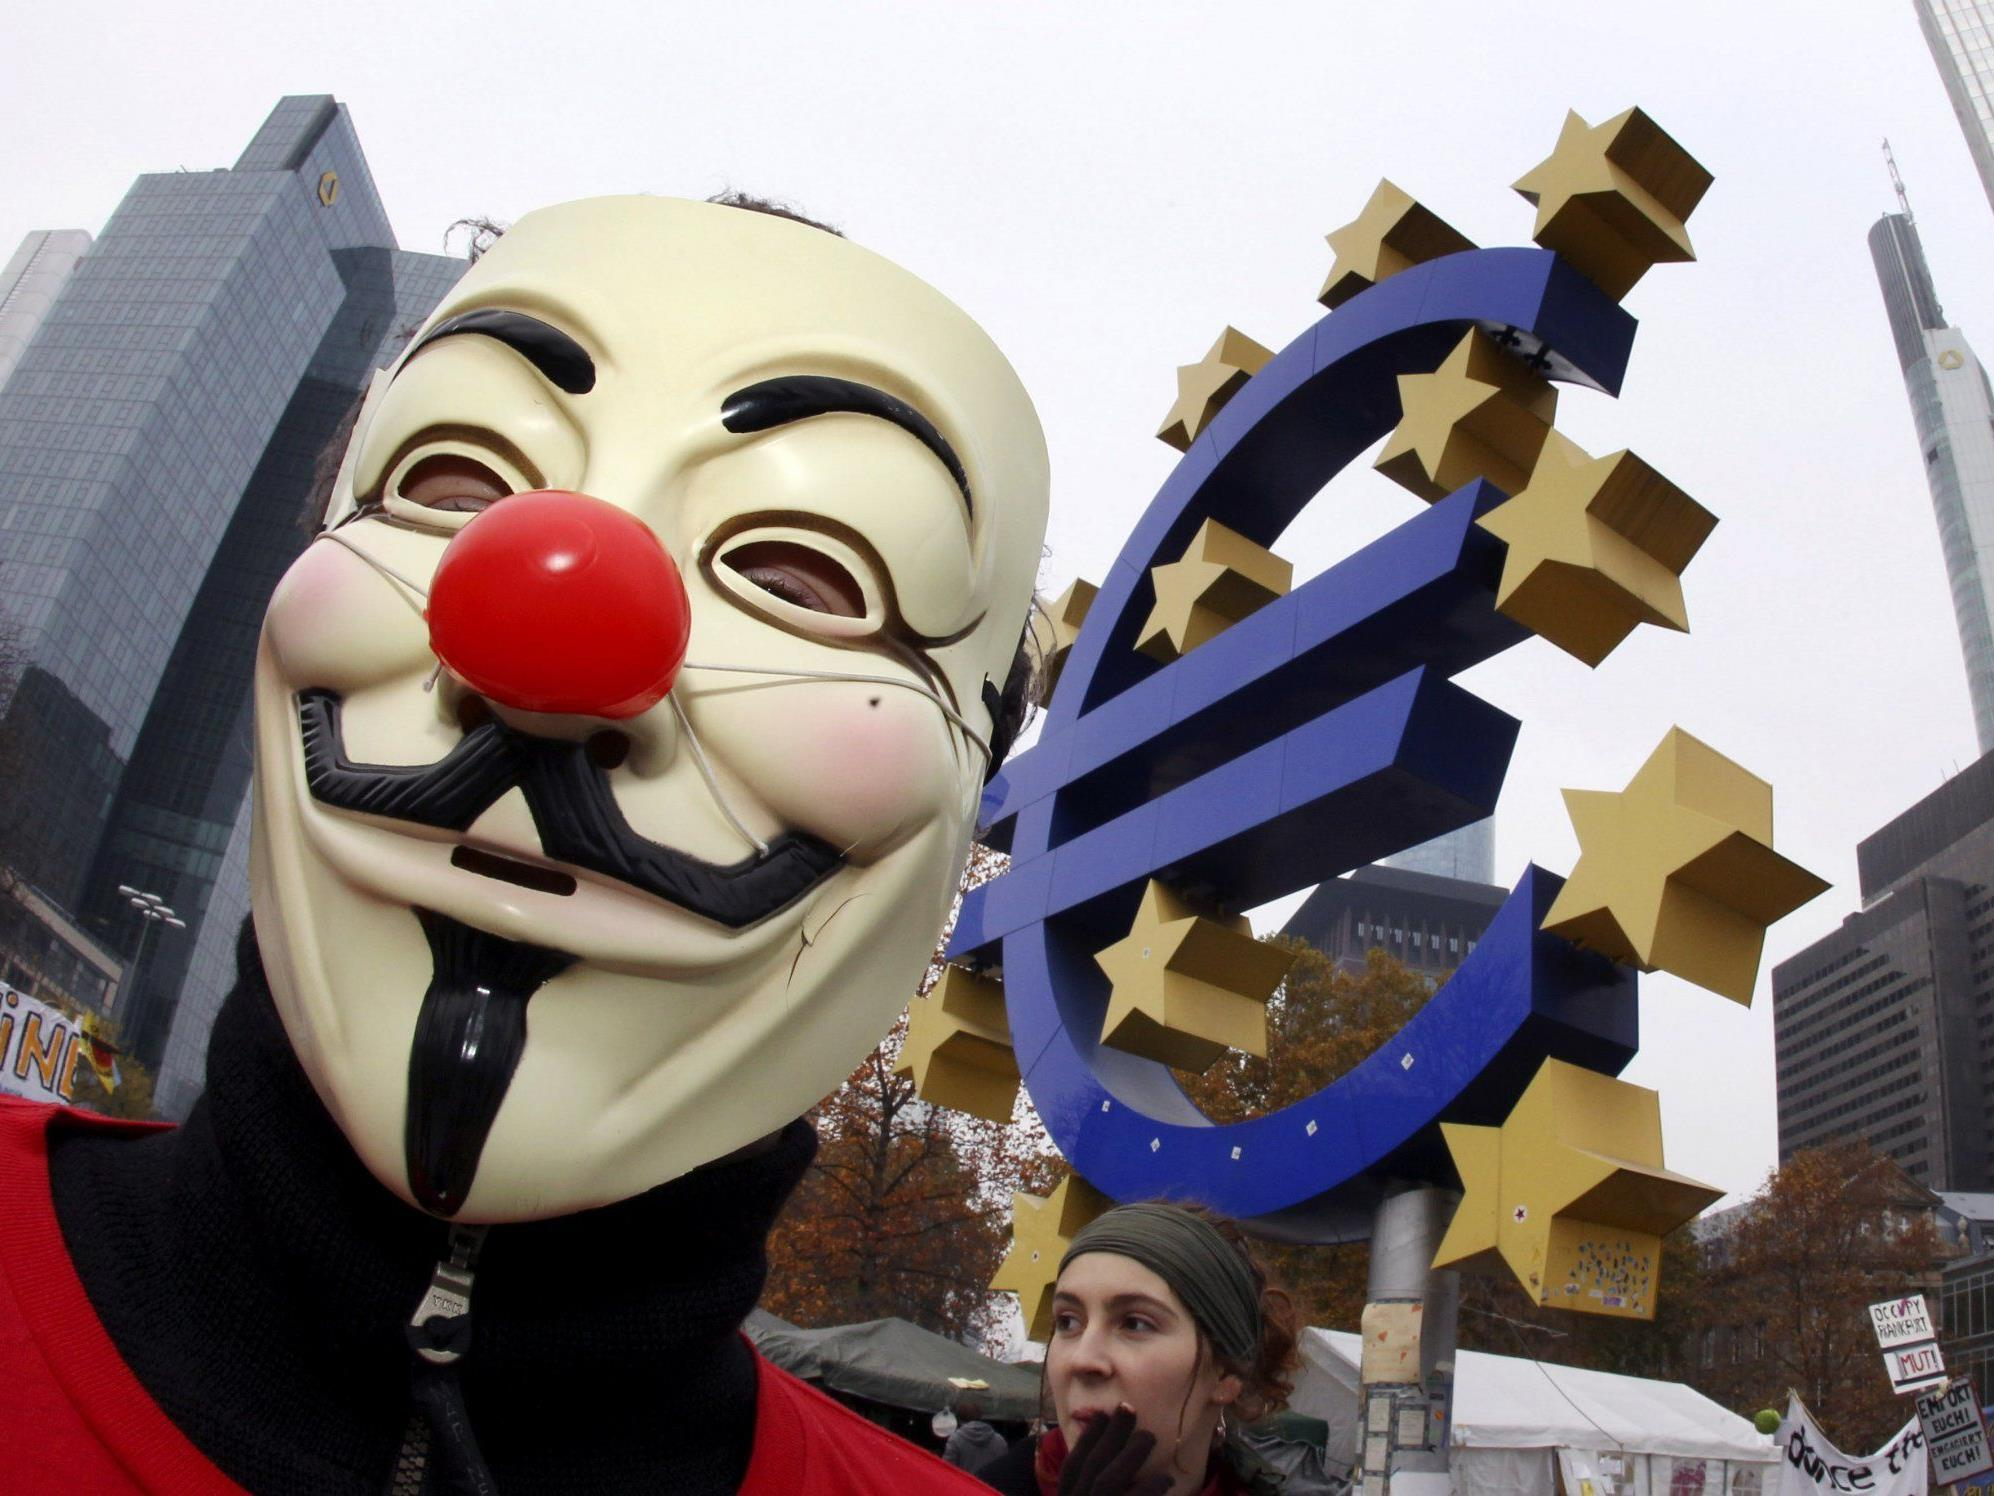 Geht es nach Attac, sollen die össterreischischen Großbanken zerschlagen werden.